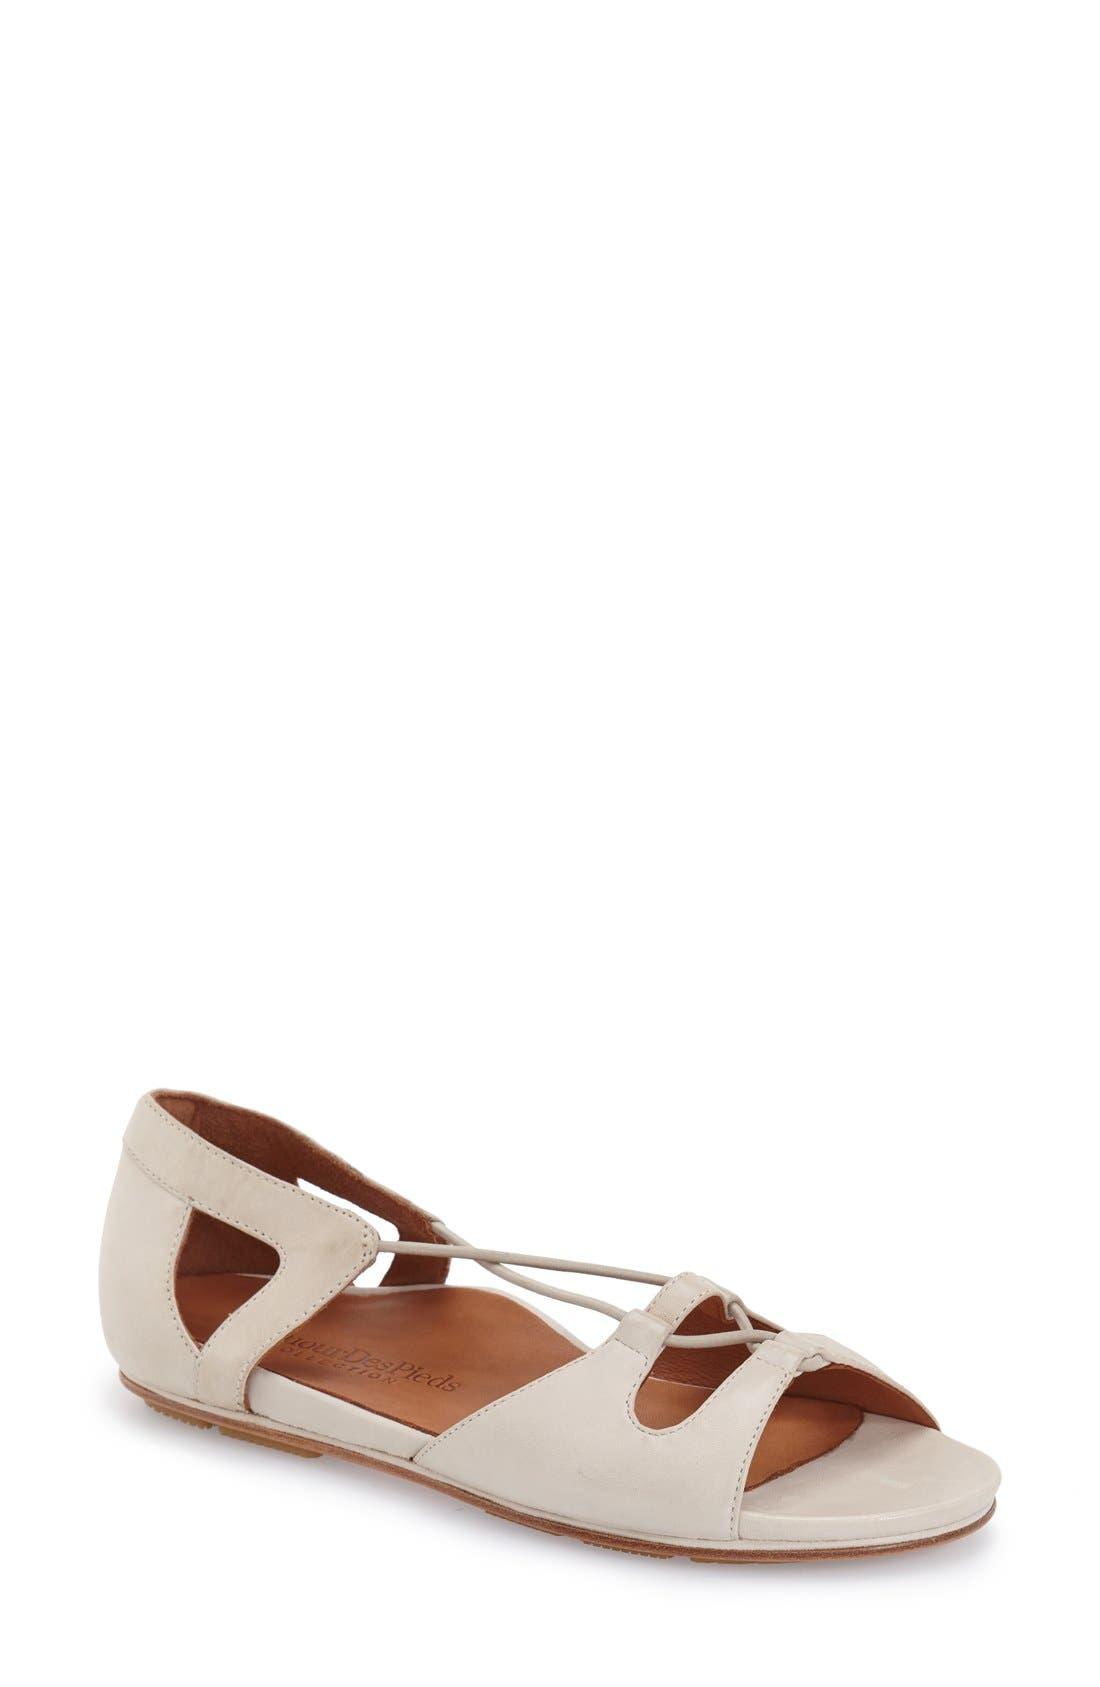 Main Image - L'Amour des Pieds 'Darron' Sandal (Women)